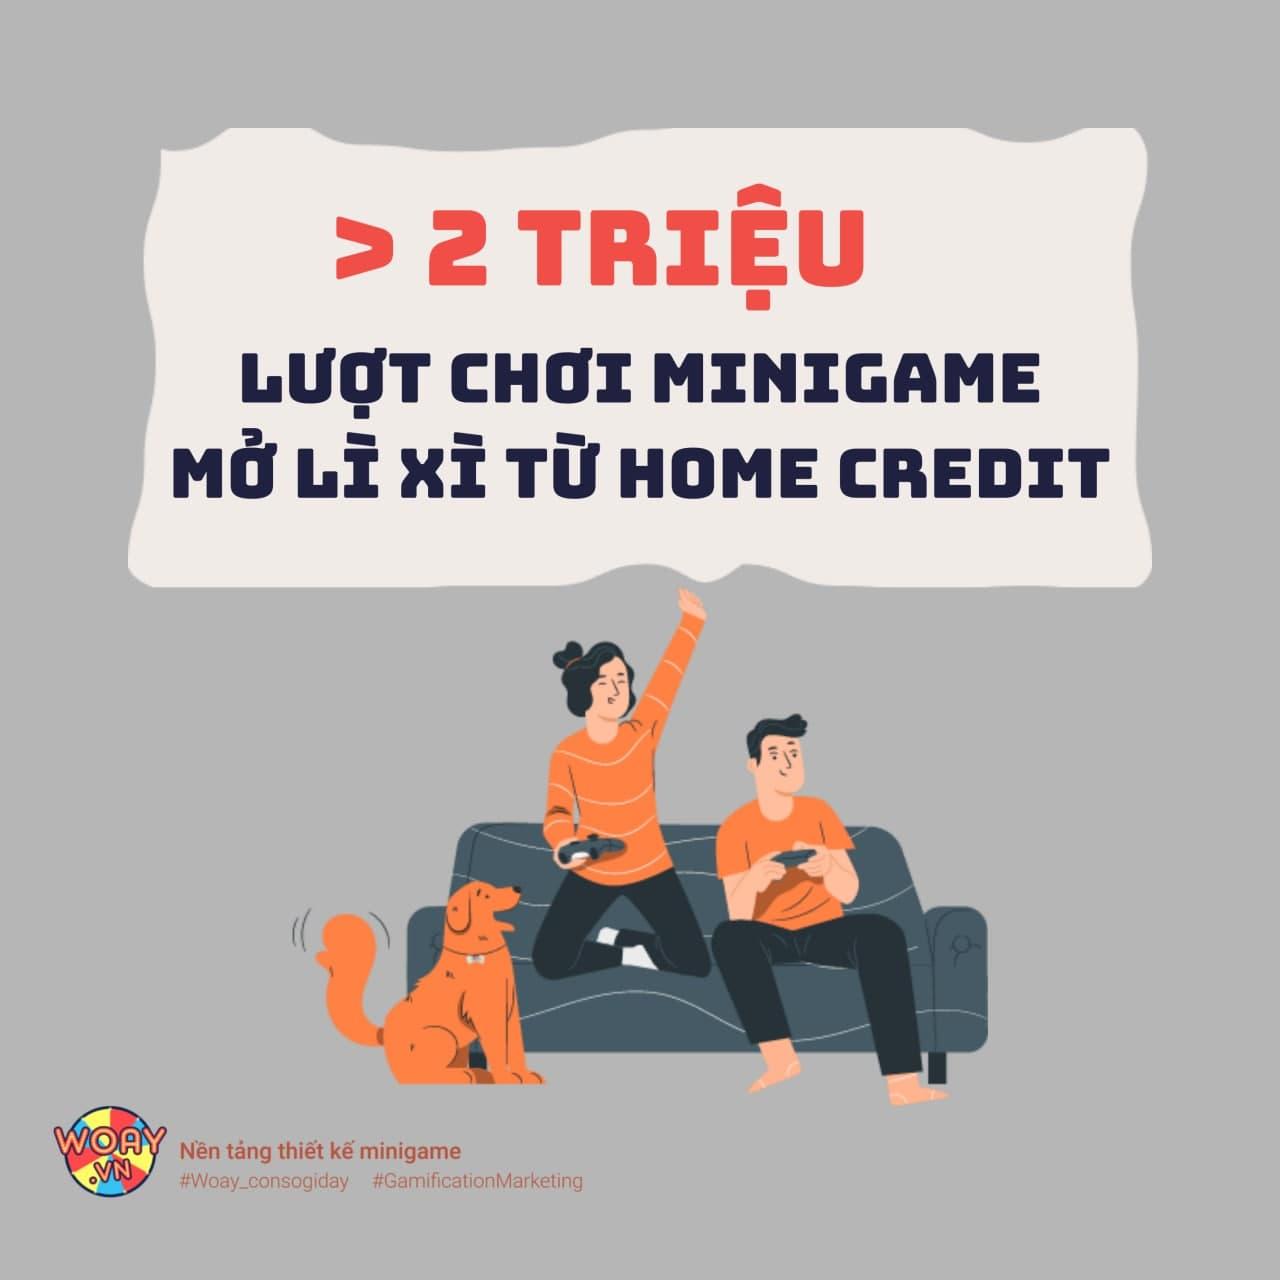 Hơn 2 triệu lượt chơi minigame Mở Lì Xì từ Home Credit